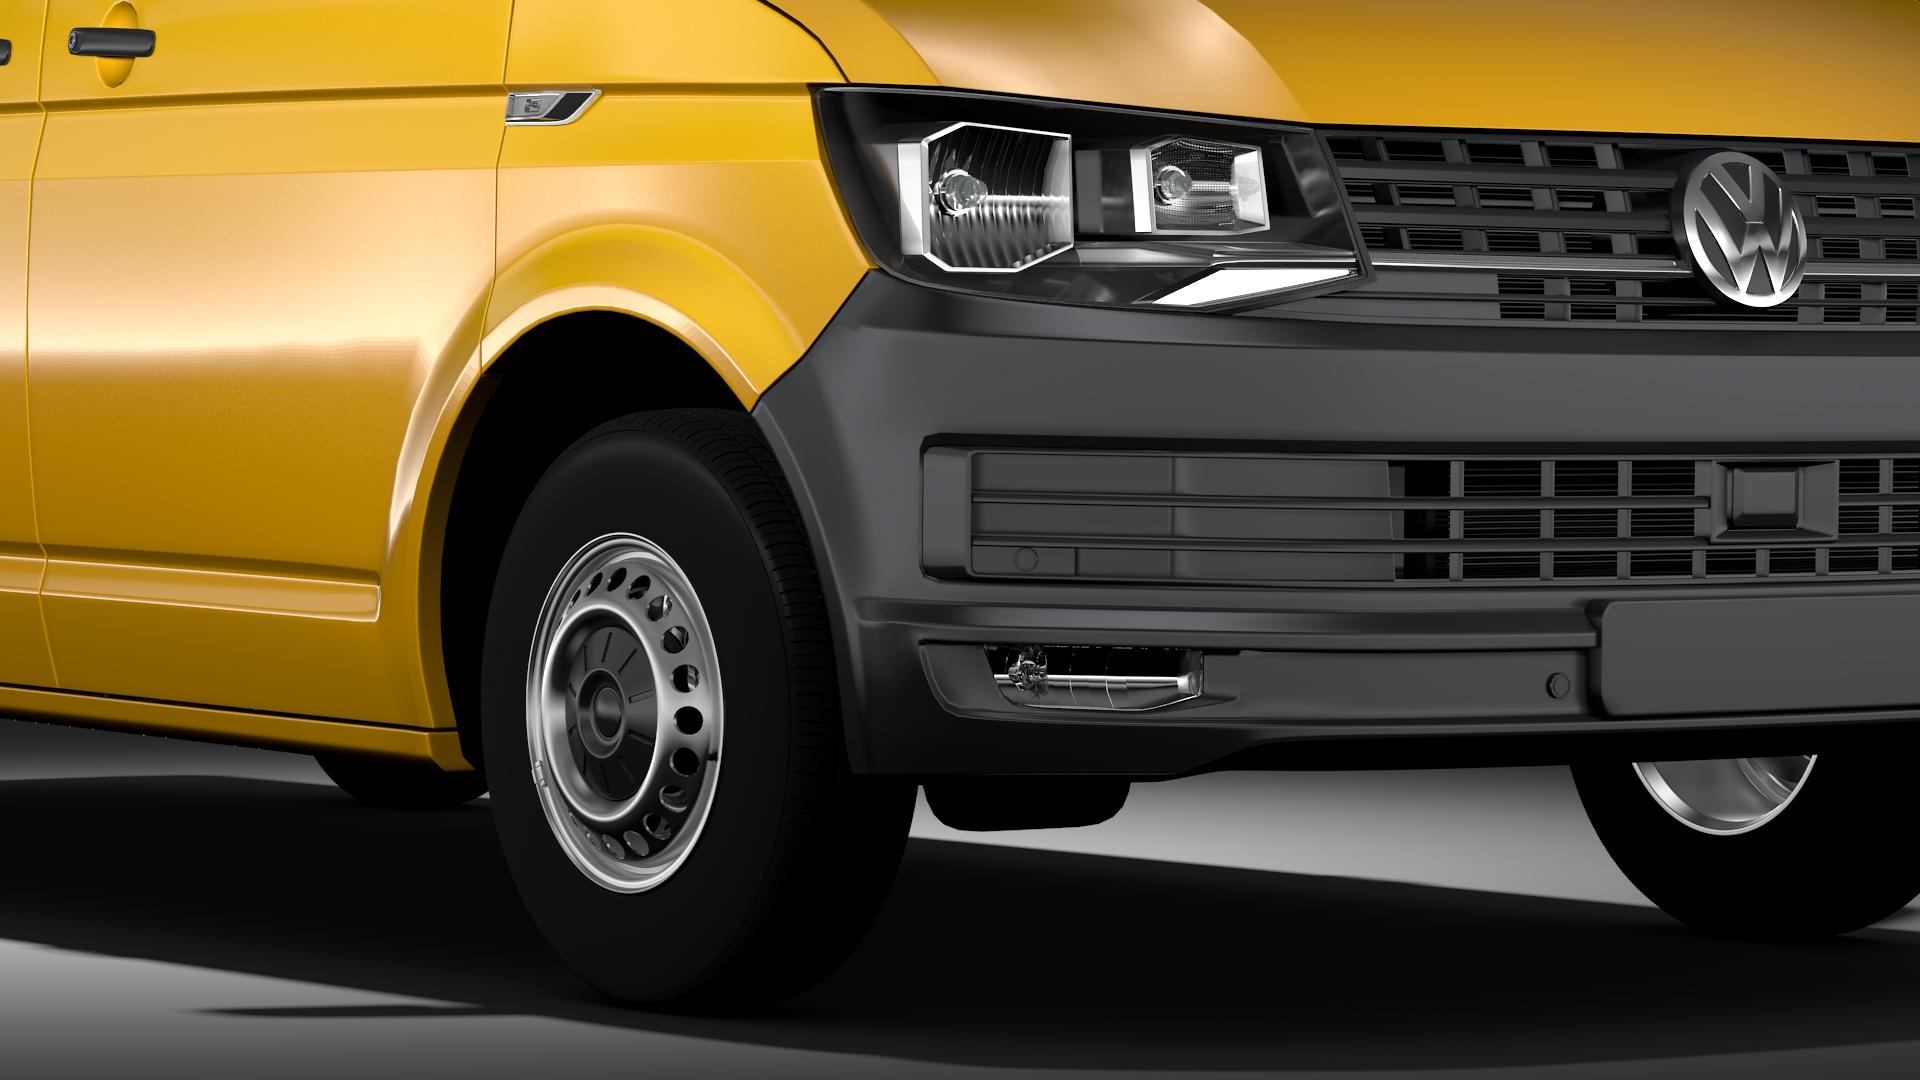 volkswagen transporter van l2h3 t6 2017 3d model max fbx c4d lwo ma mb hrc xsi obj 275291